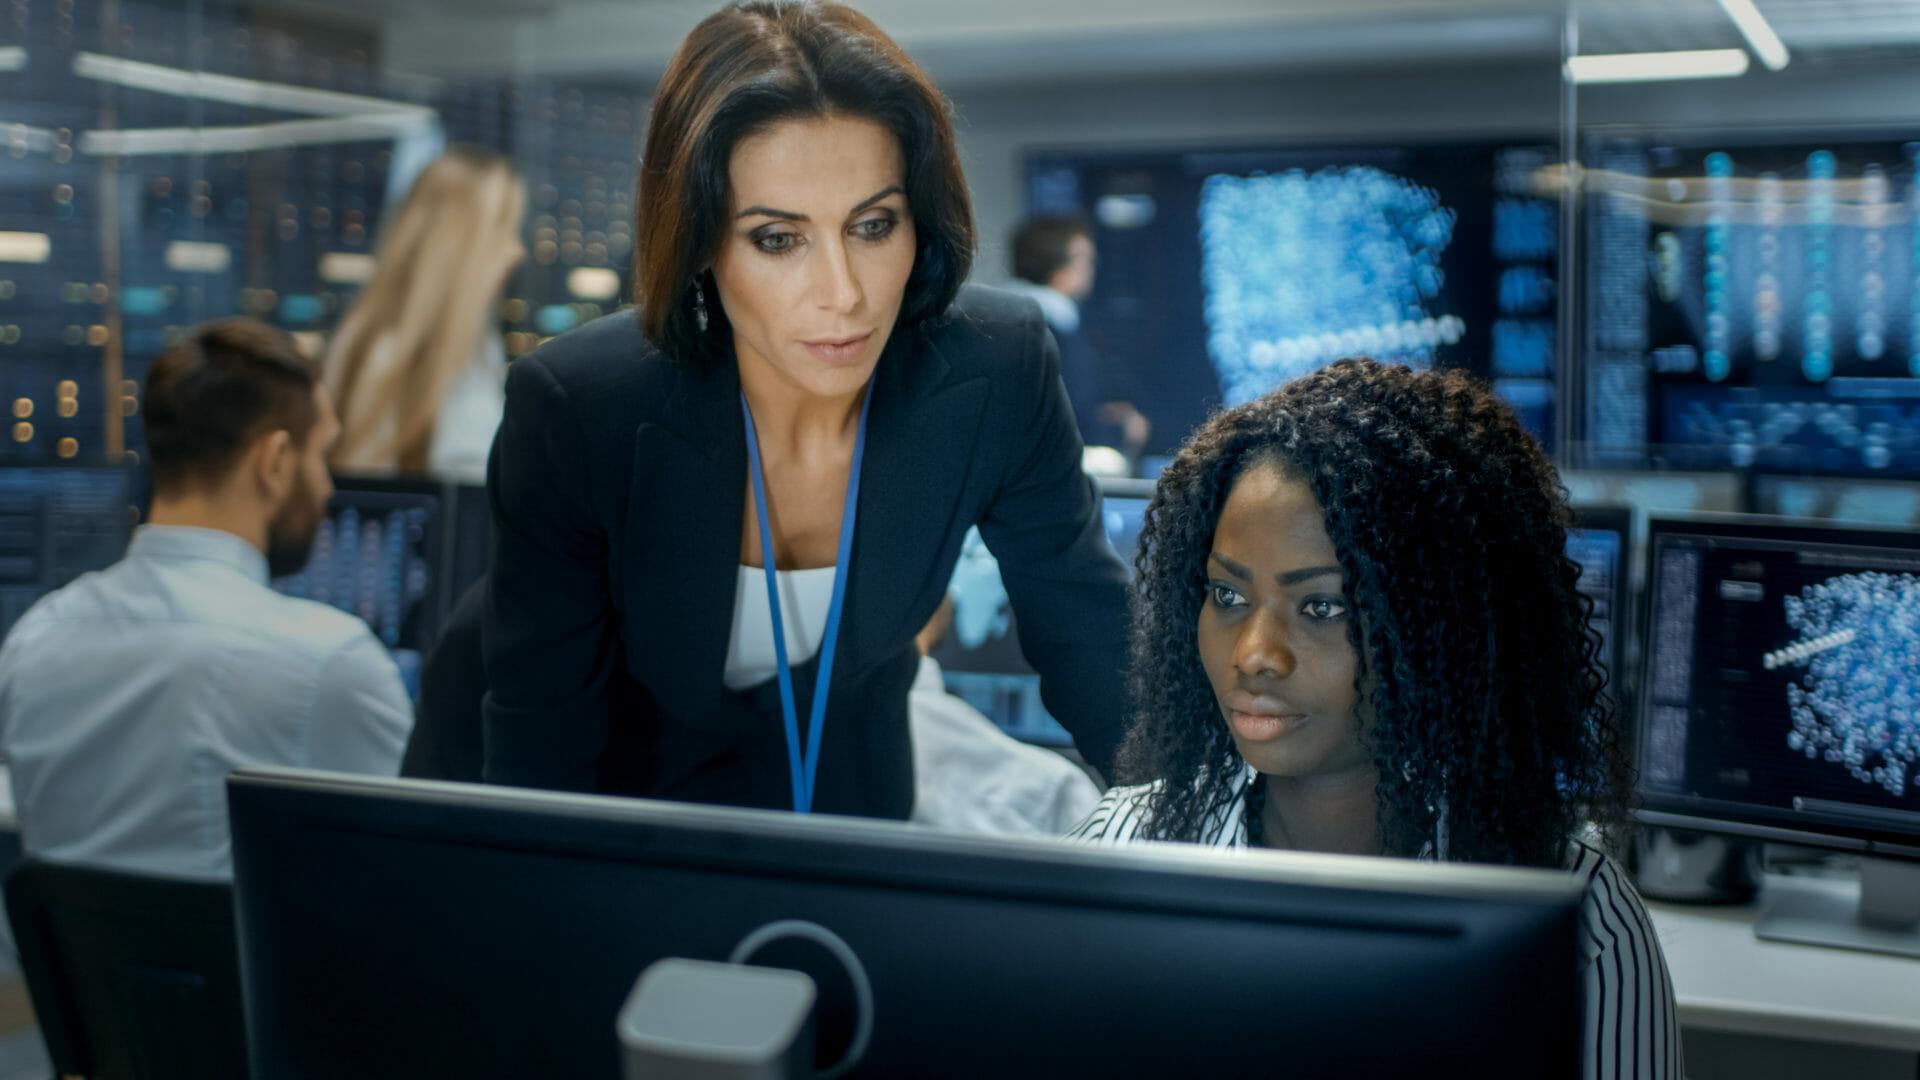 Cybersecurity A Good Career Choice